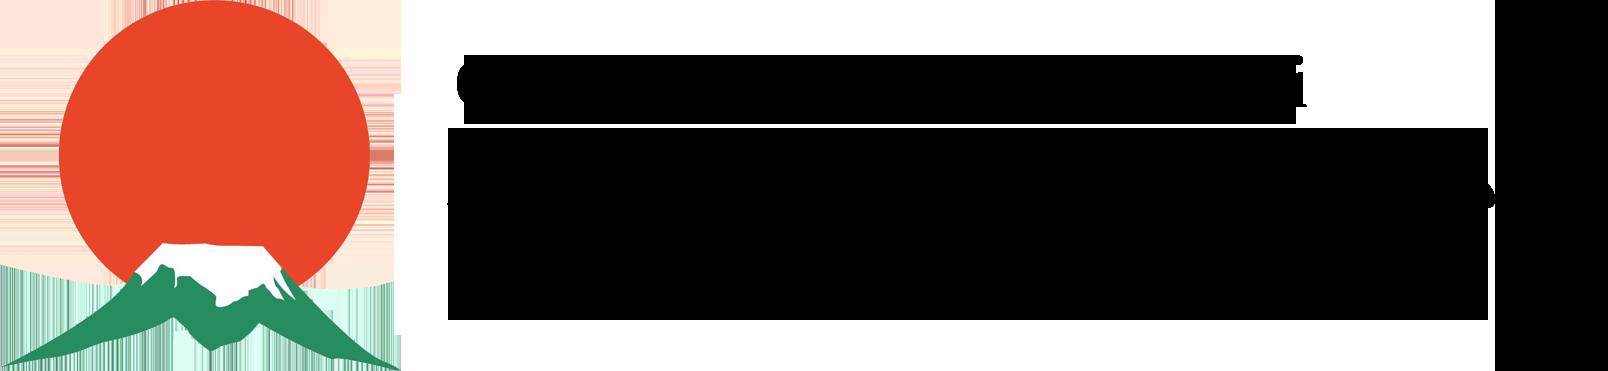 北海道の生産物の目利きのプロ 蝦夷組